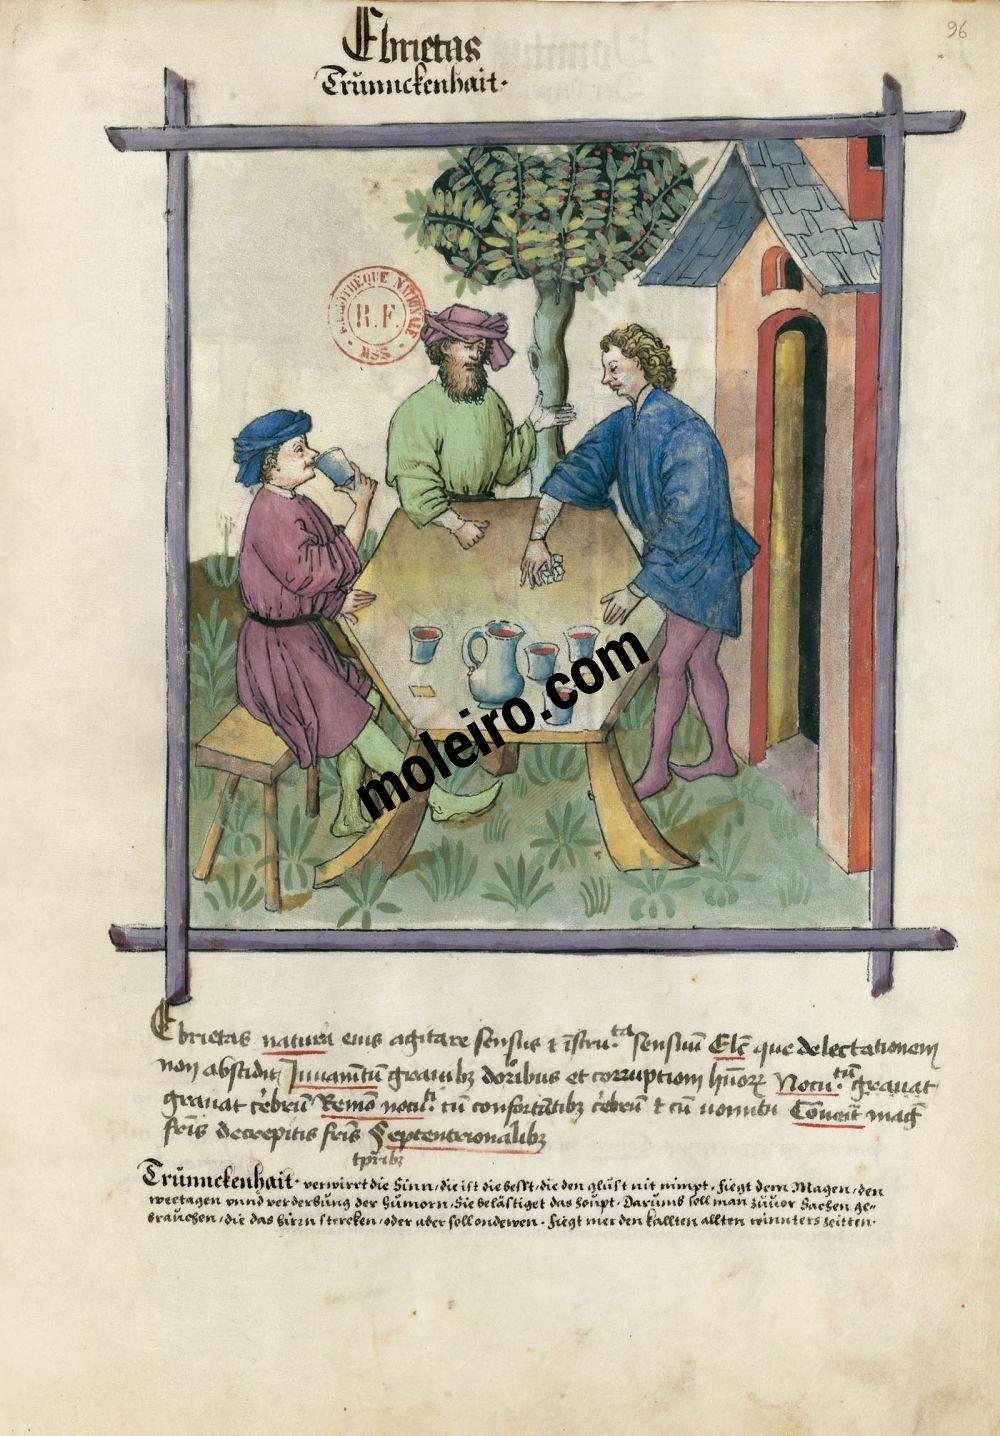 Tacuinum Sanitatis  f. 96r, Ebriedad